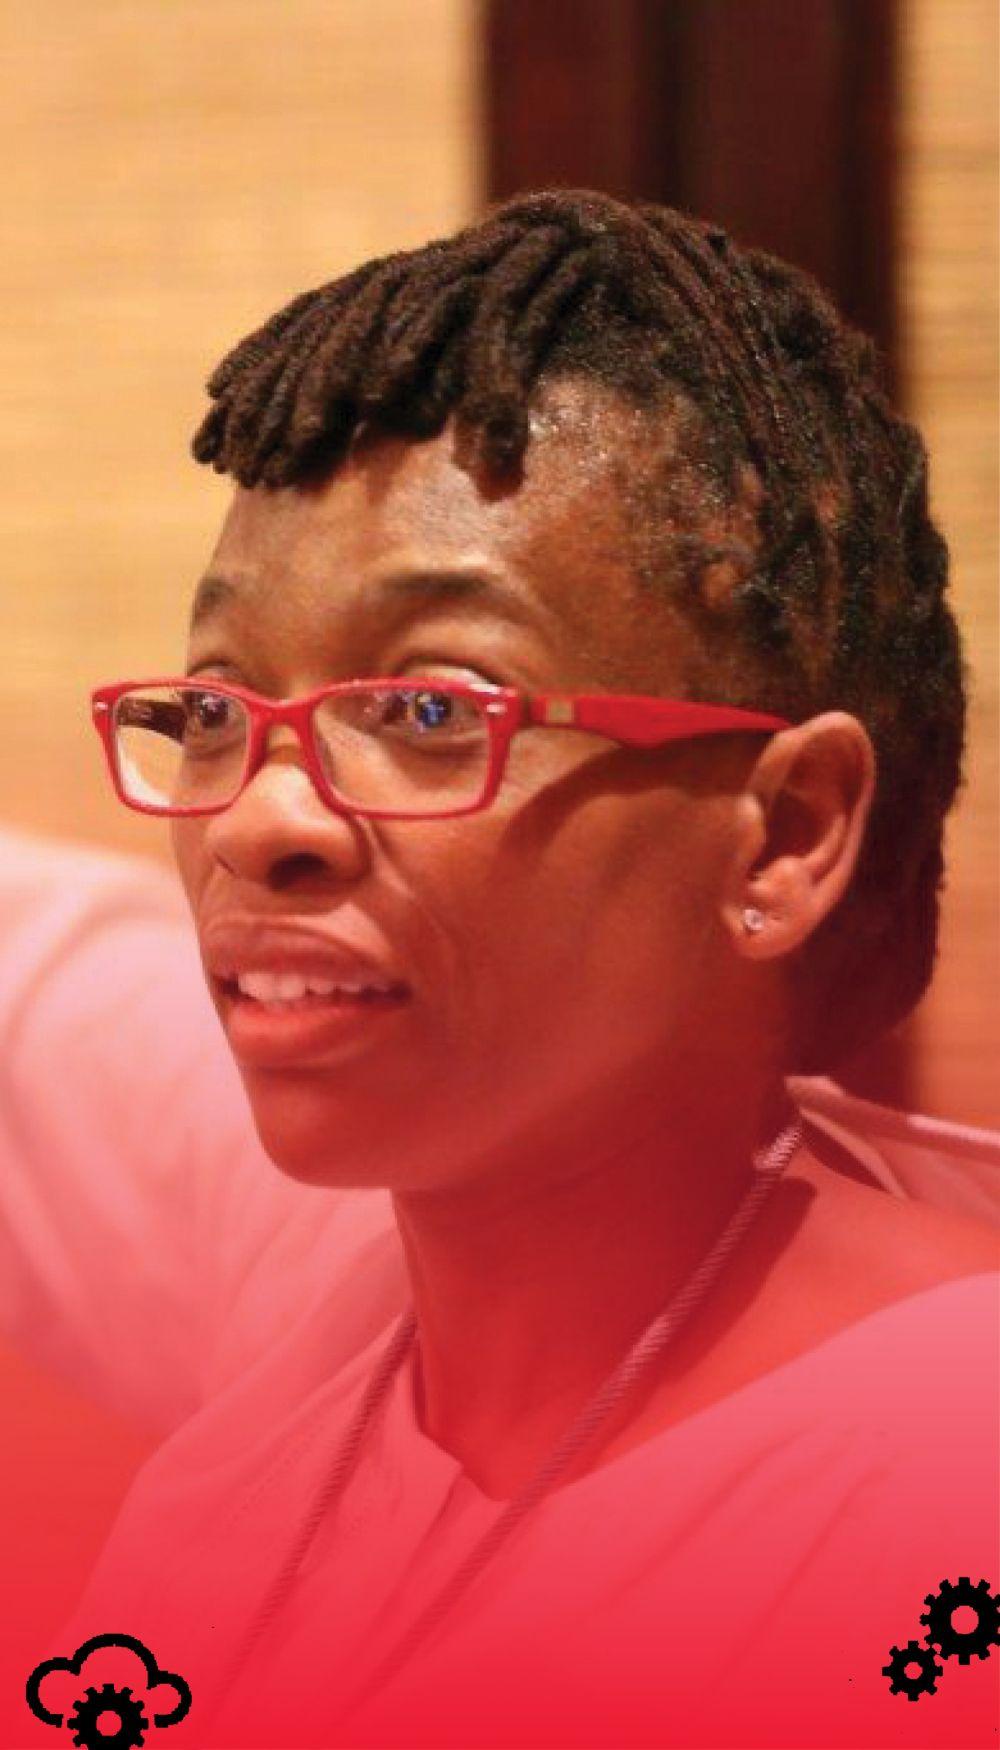 Dikeledi Dlwati, Human Resources Exectuive, Tigerbrands